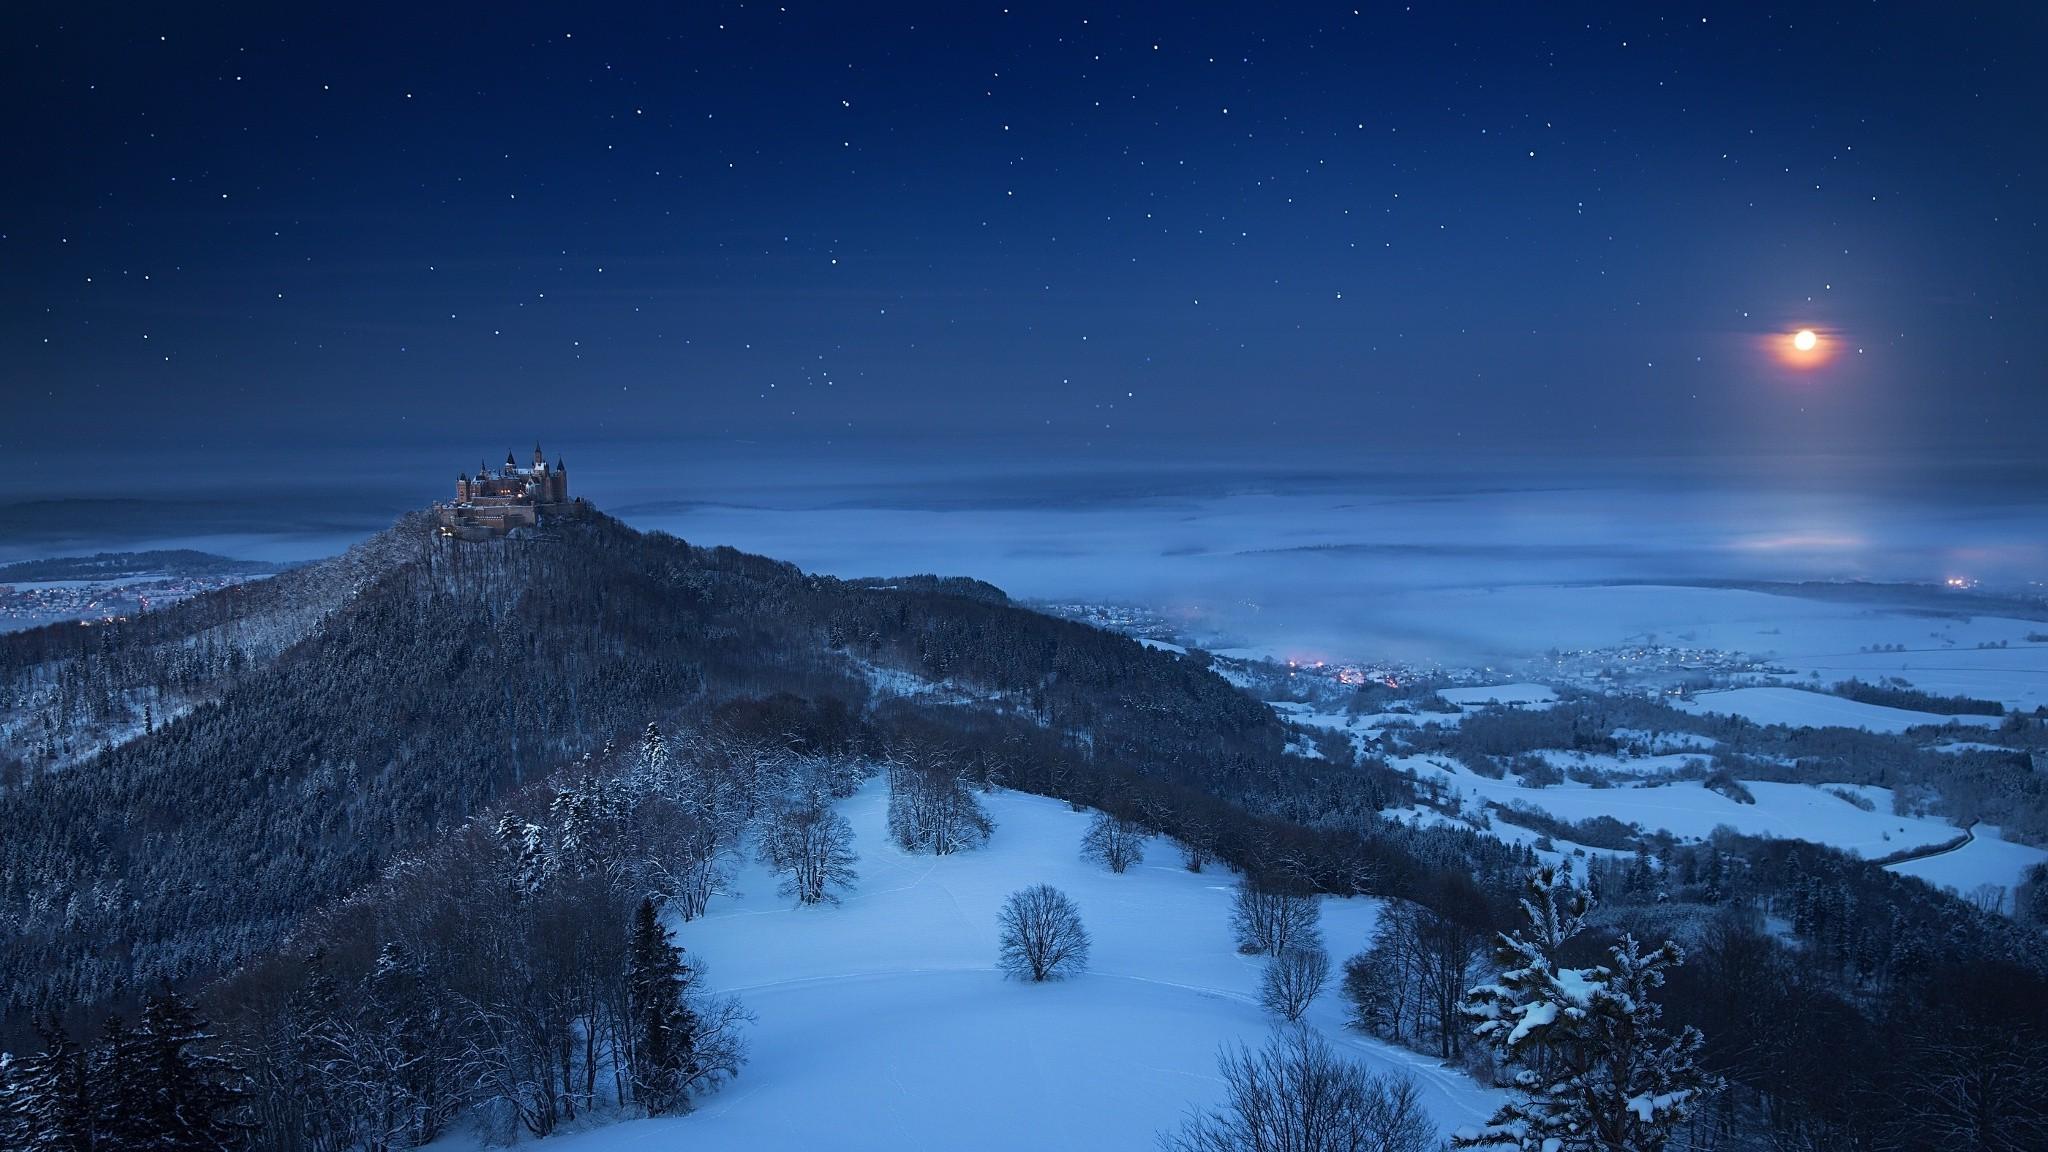 Wallpaper Landscape Forest Nature Snow Winter Moon Castle